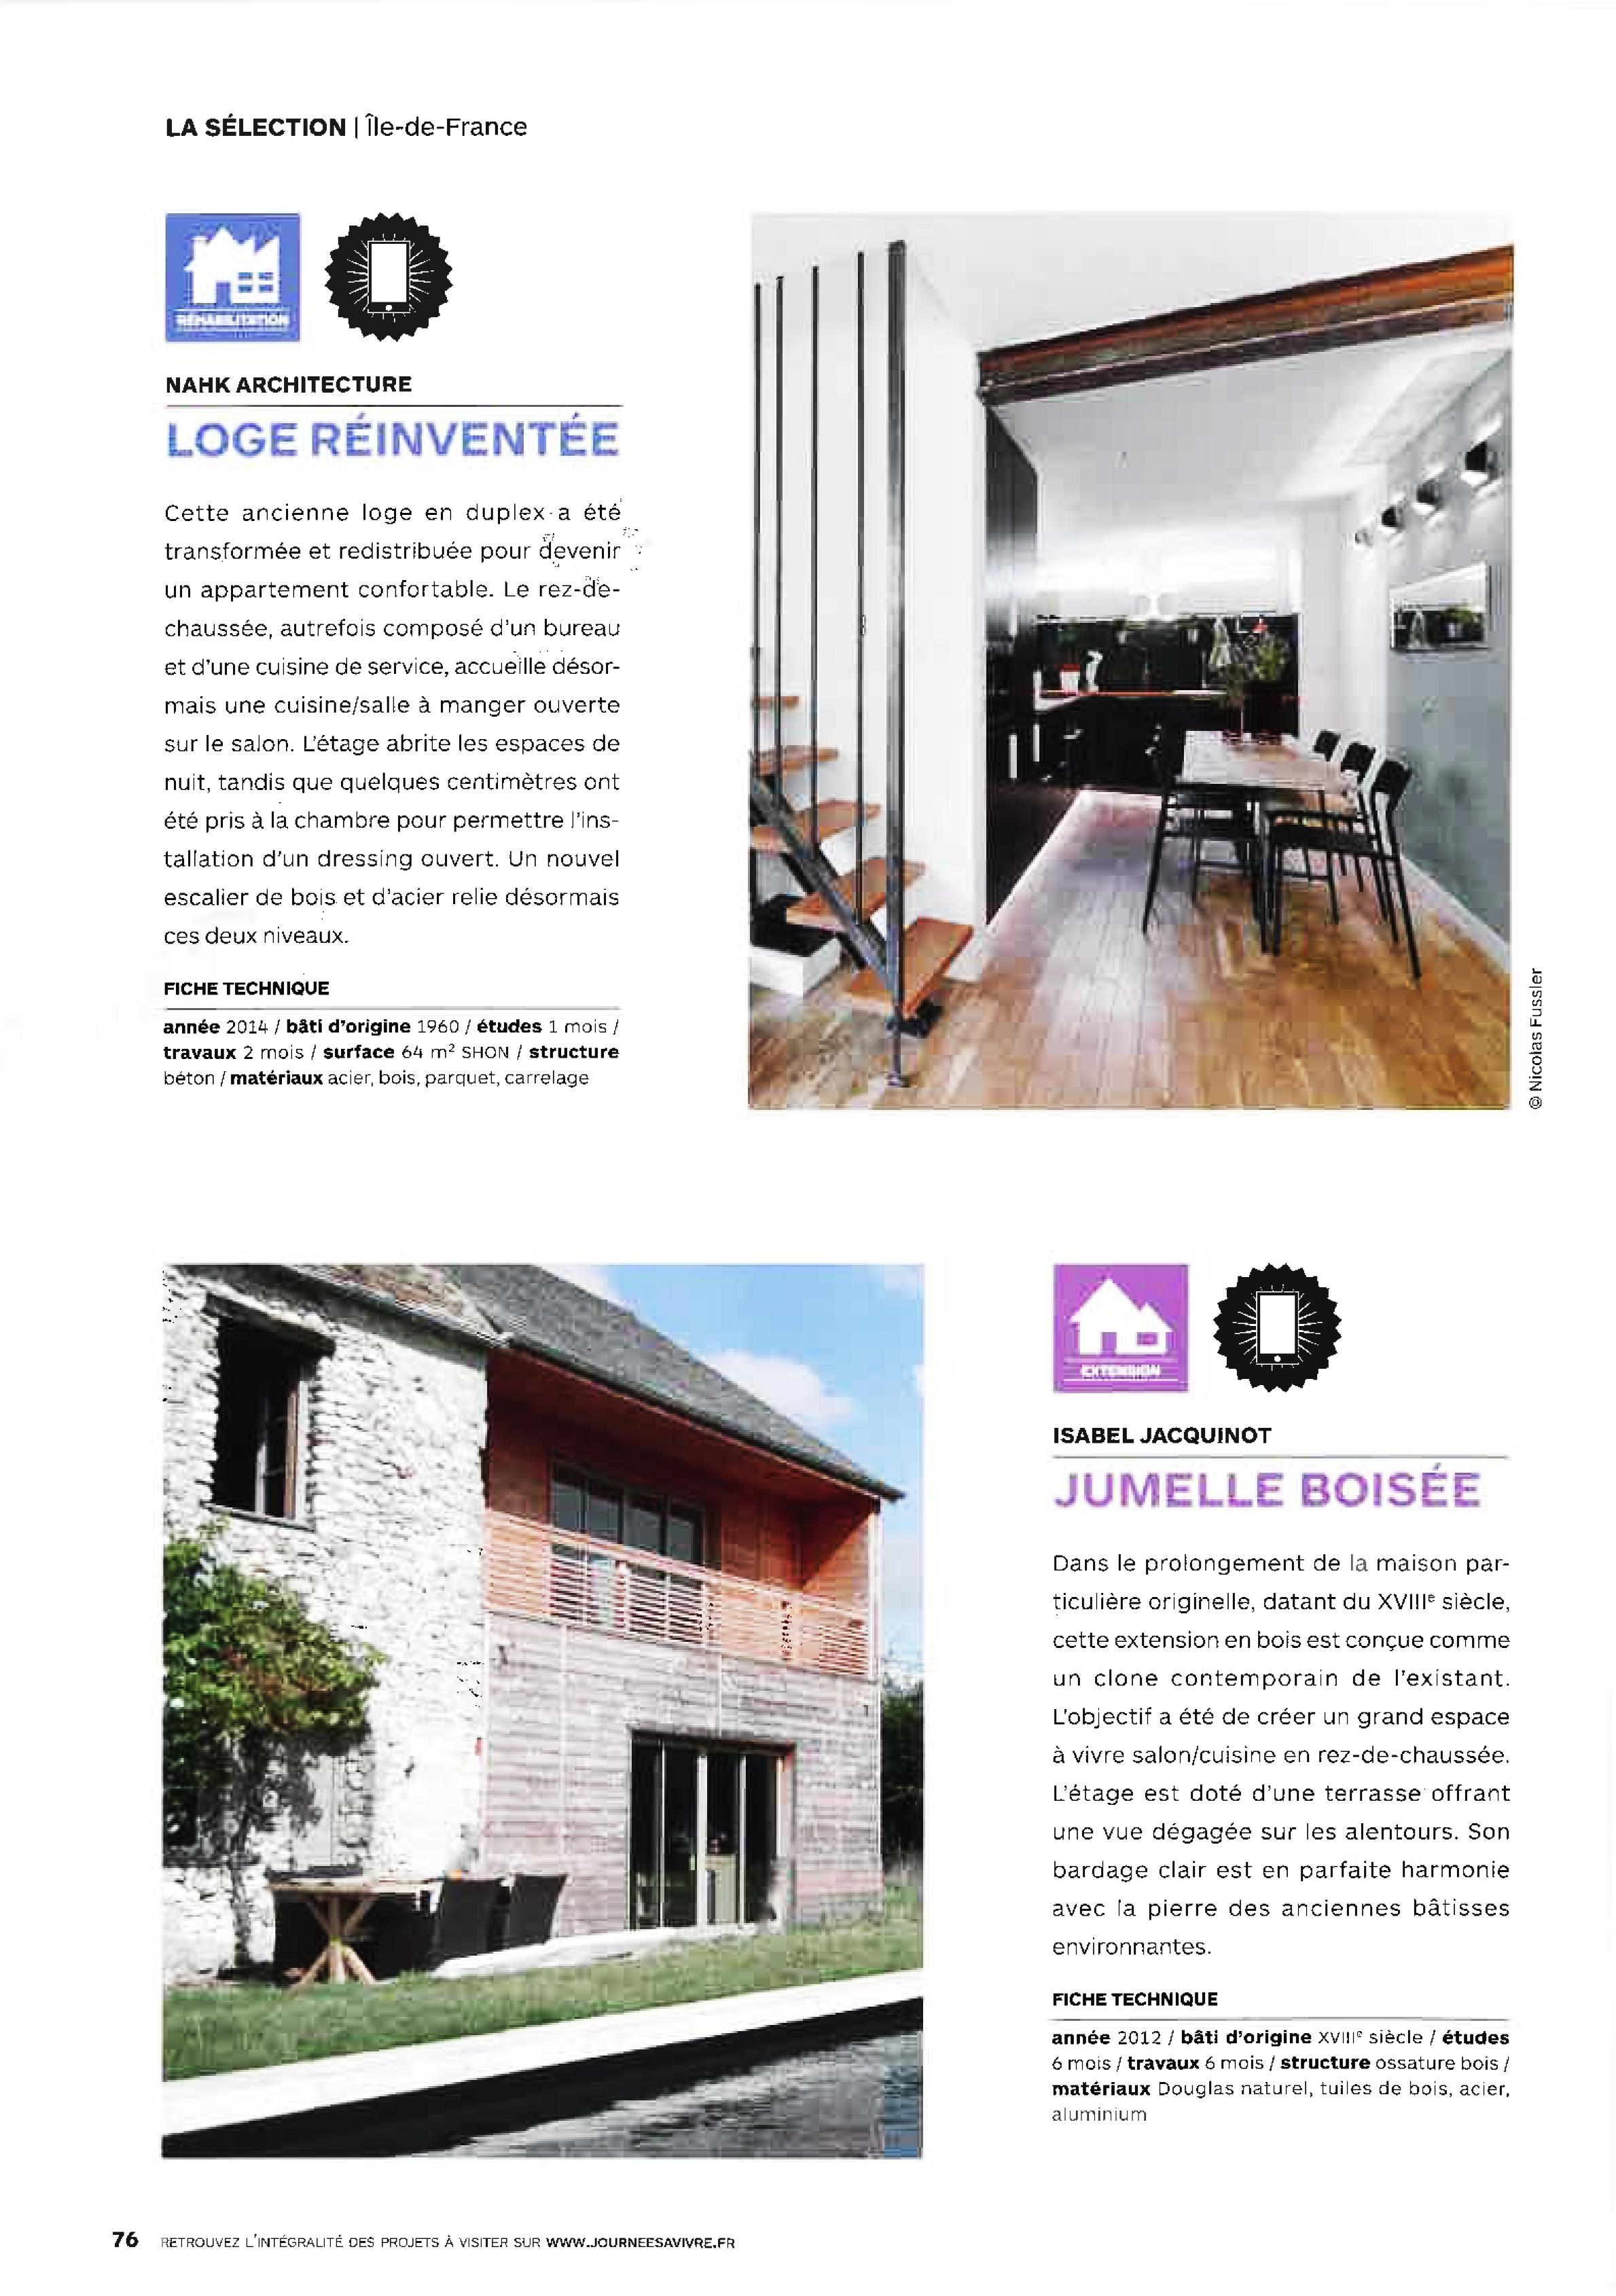 LOGE REINVENTEE - PAGE 76